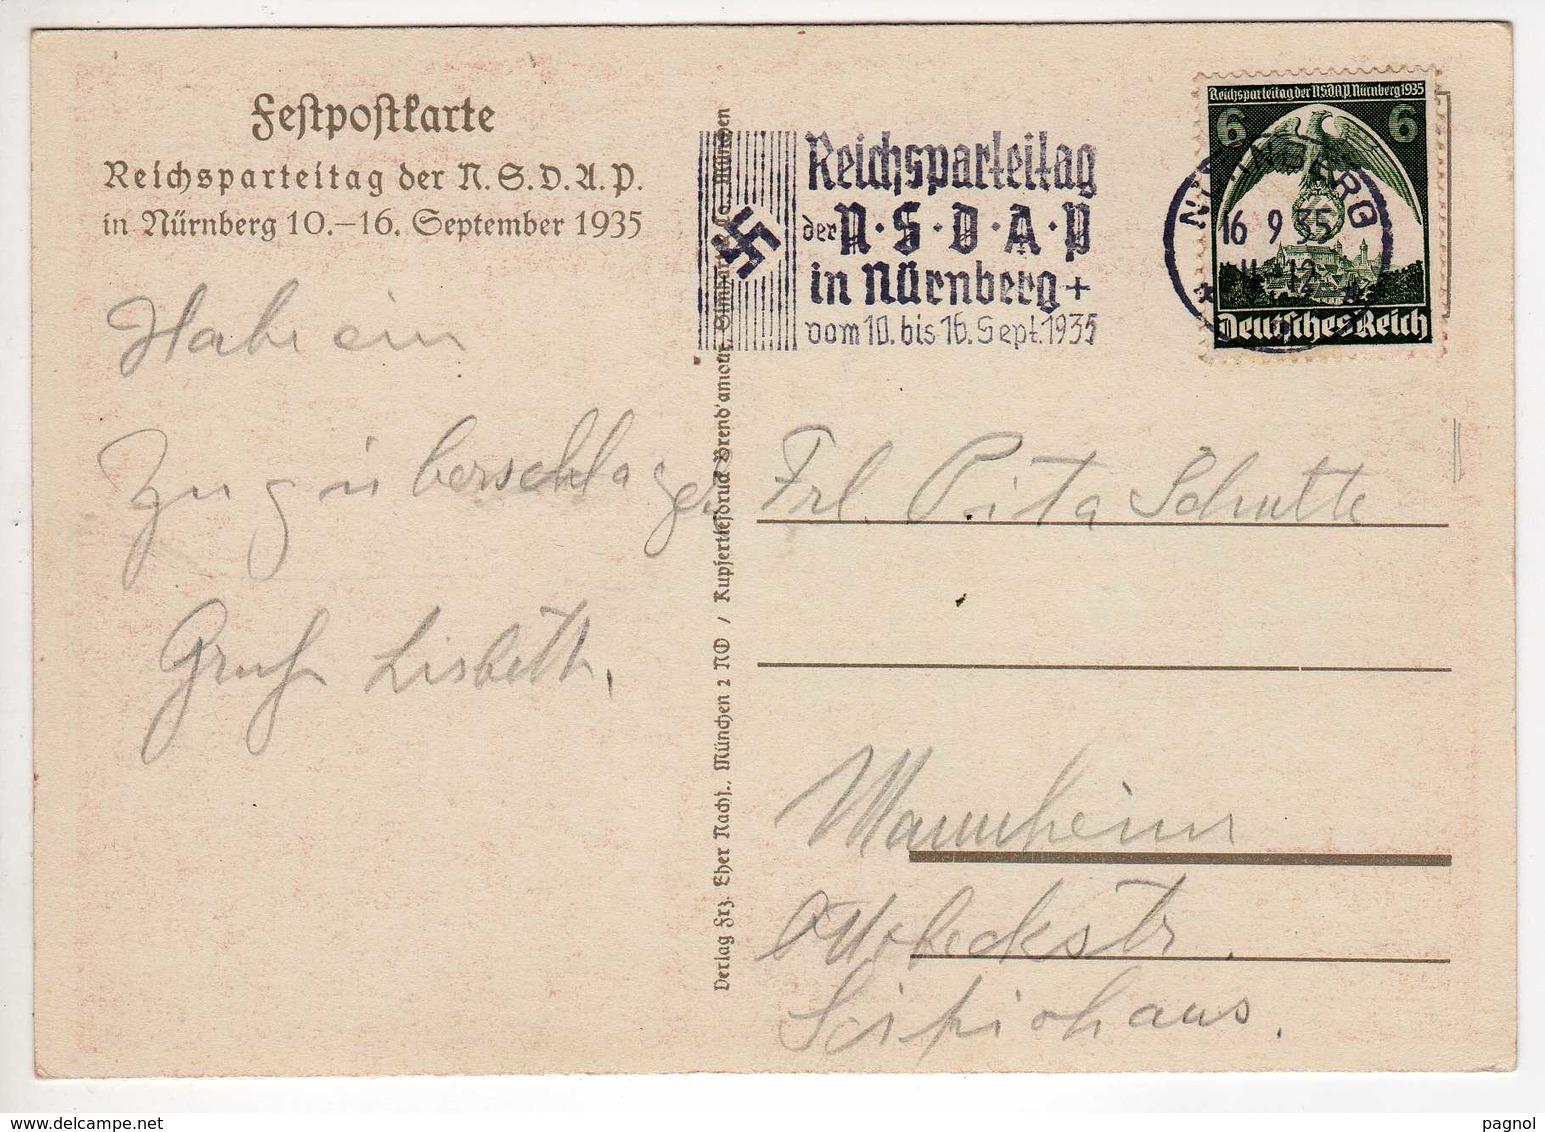 Allemagne : III Reich : Nürnberg : 10-16 / 09 / 1935 : Reichsparteitag - Nürnberg